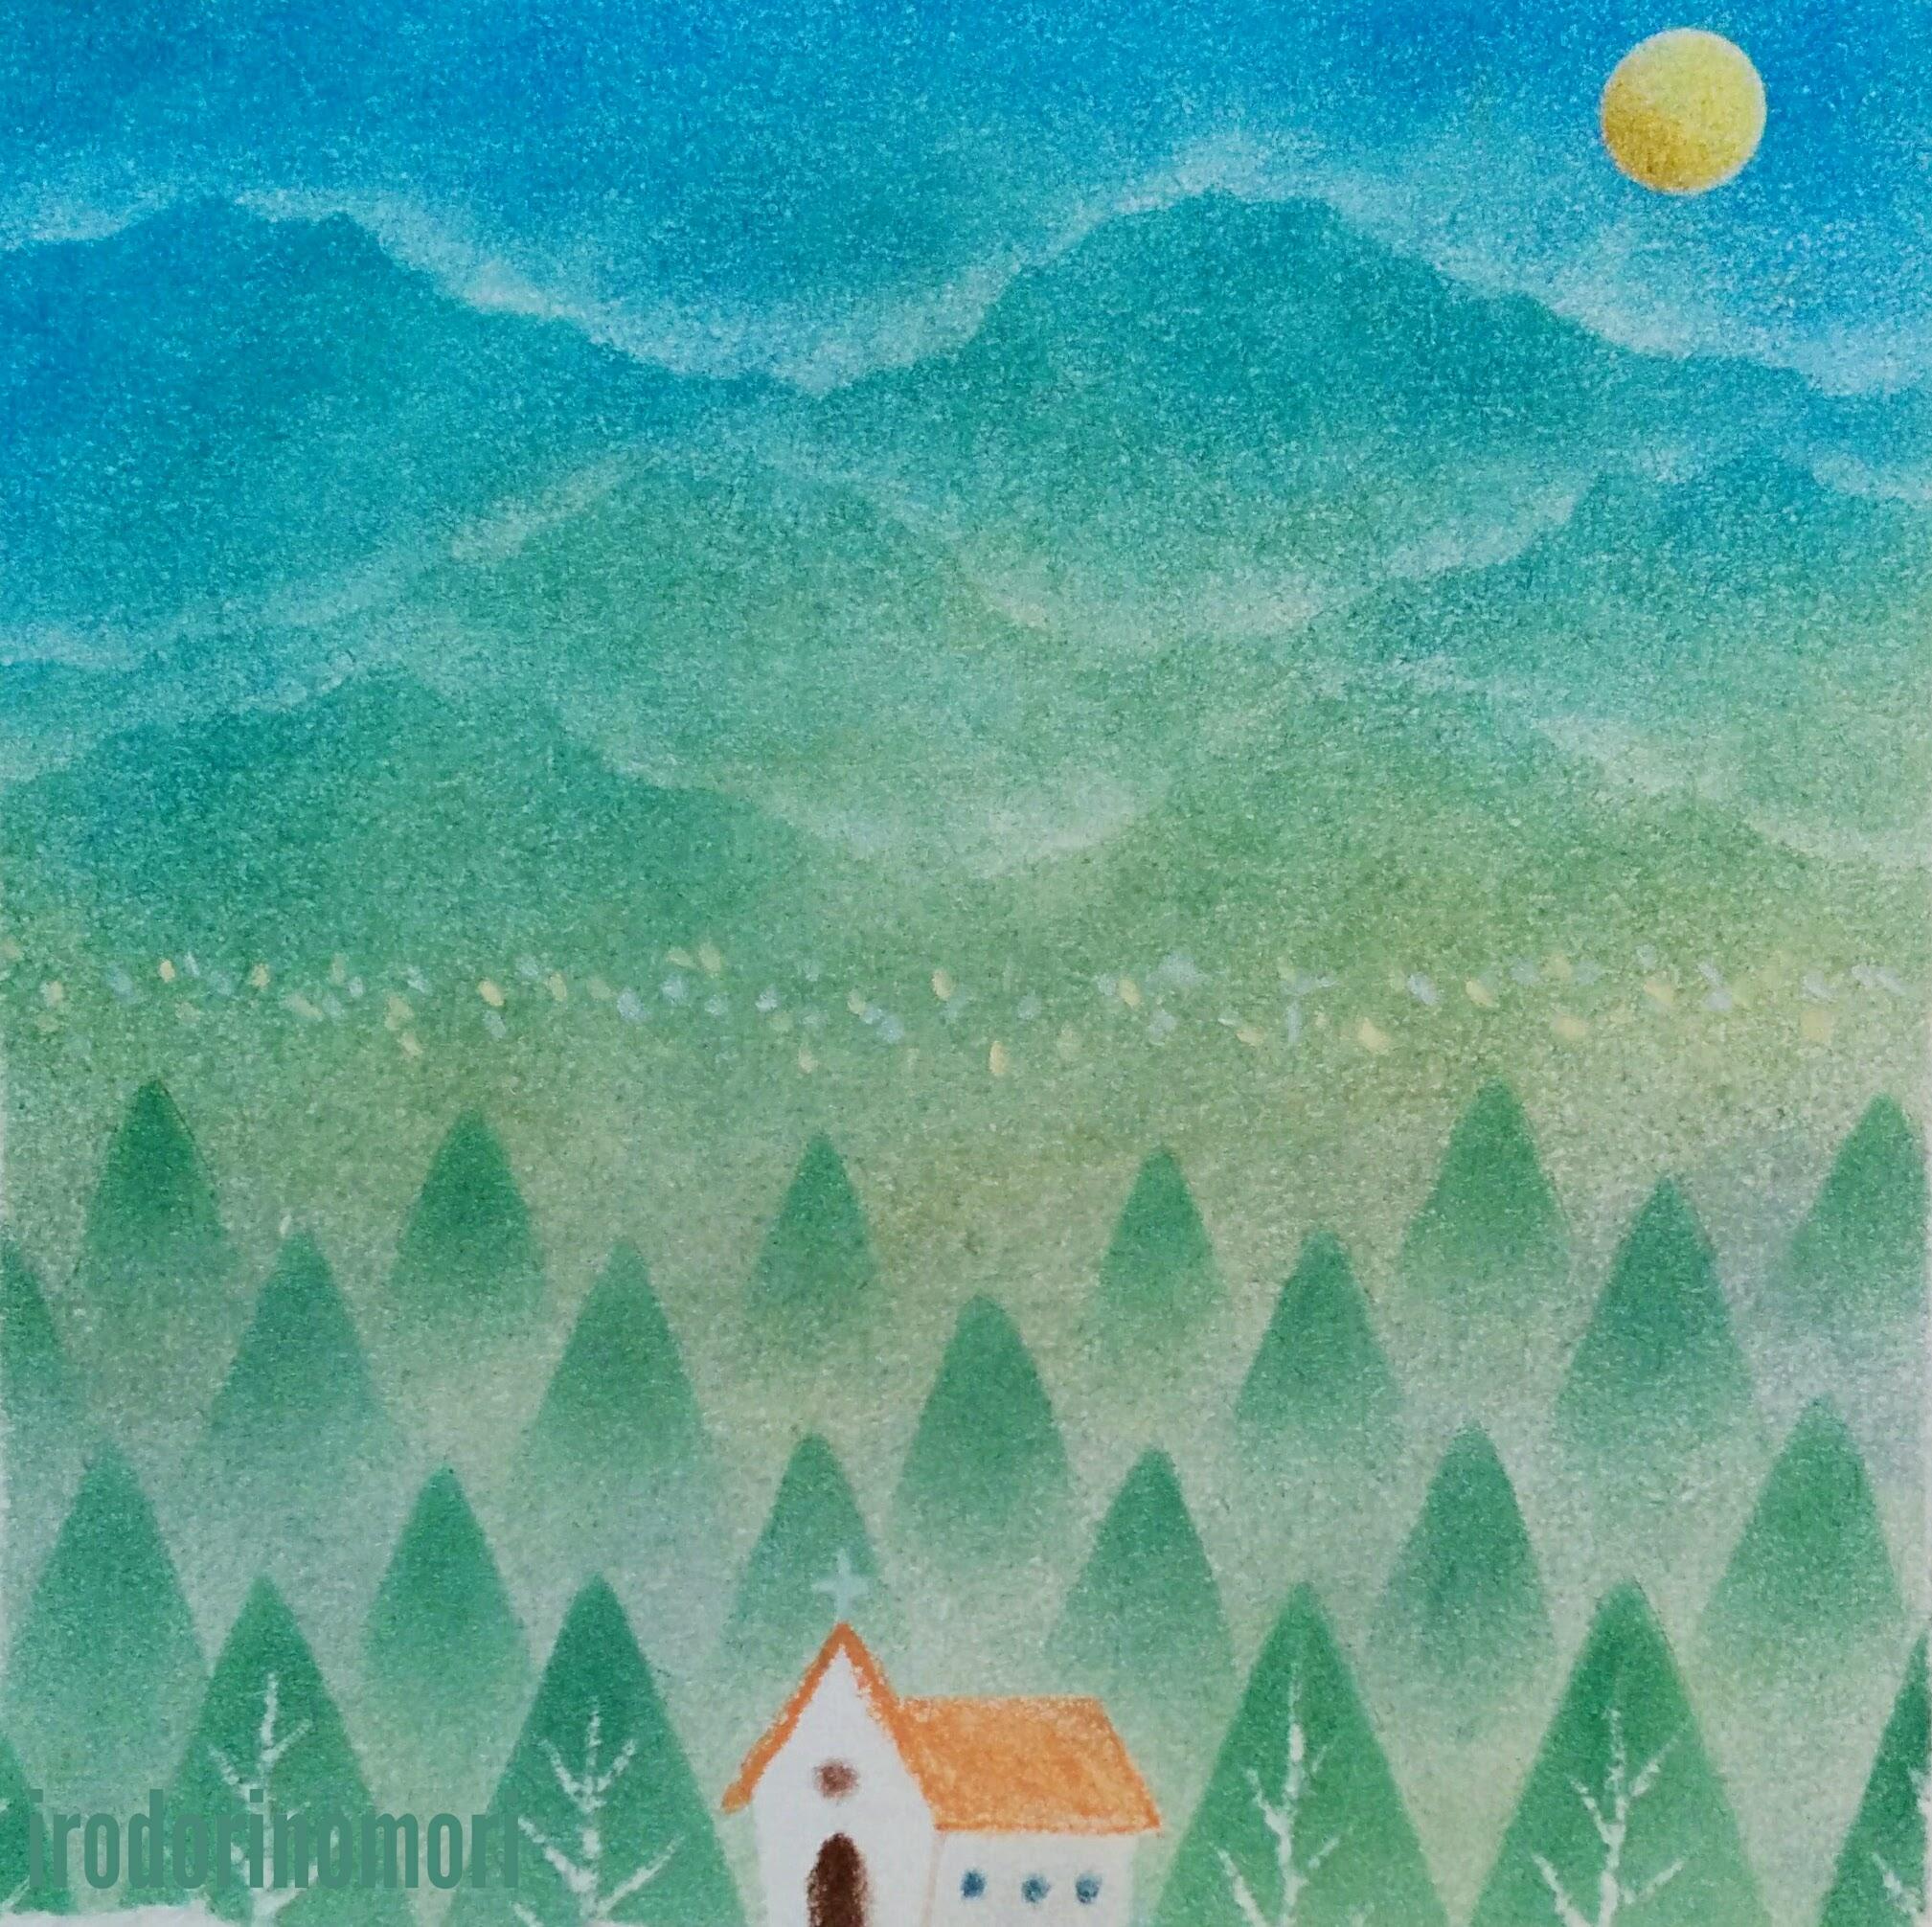 悠久の山と森の教会 A